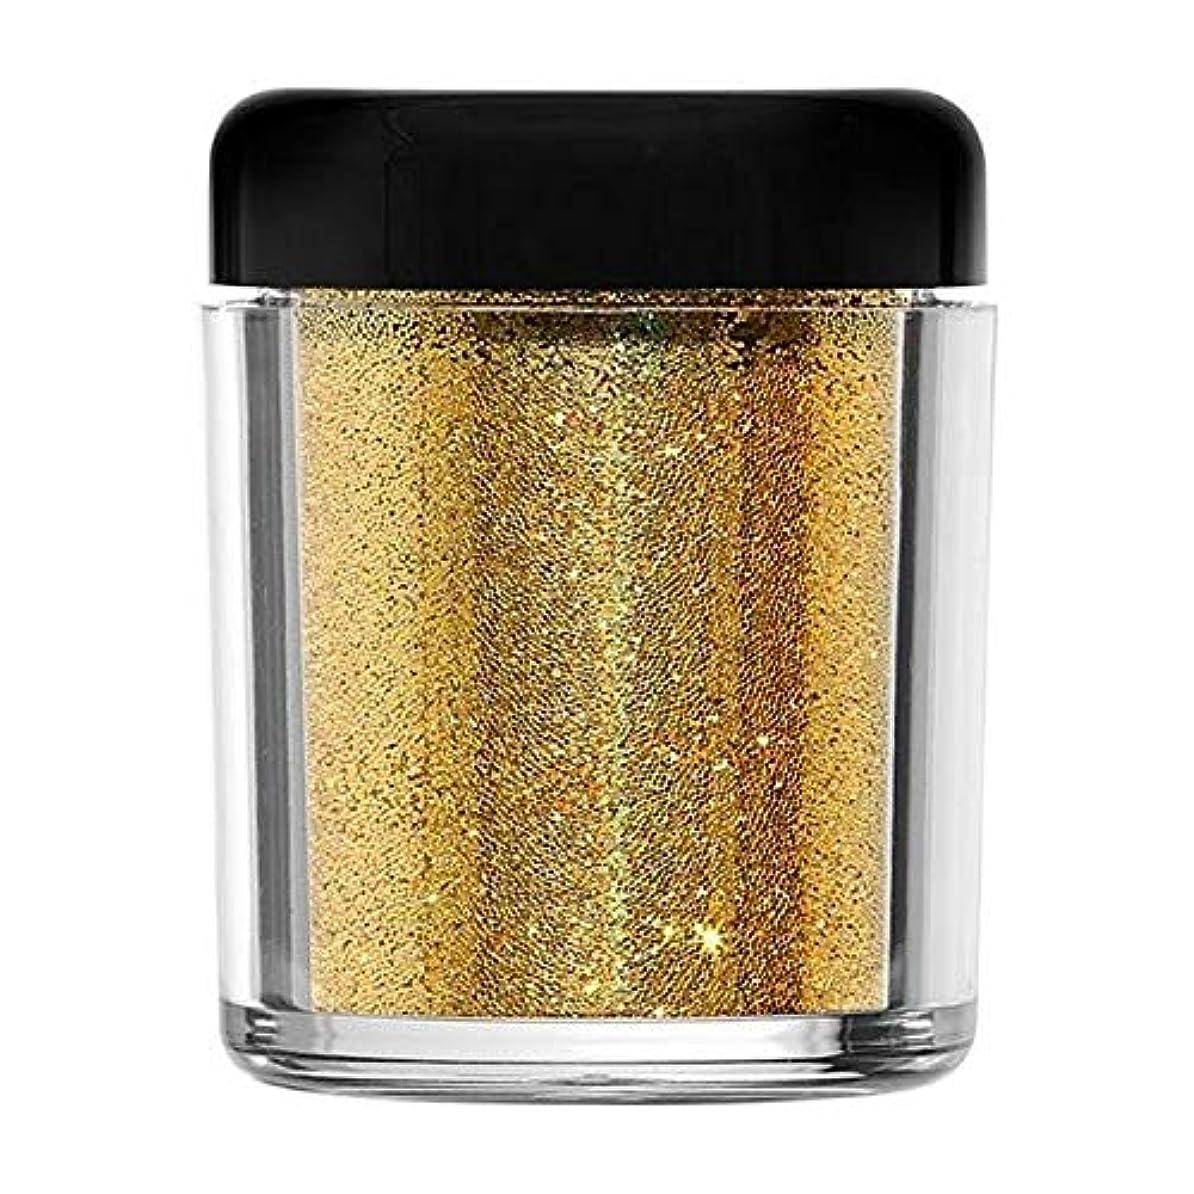 何でもビスケット臭い[Barry M ] バリーメートルのグリッターラッシュボディの輝き - 火の玉 - Barry M Glitter Rush Body Glitter - Fireball [並行輸入品]